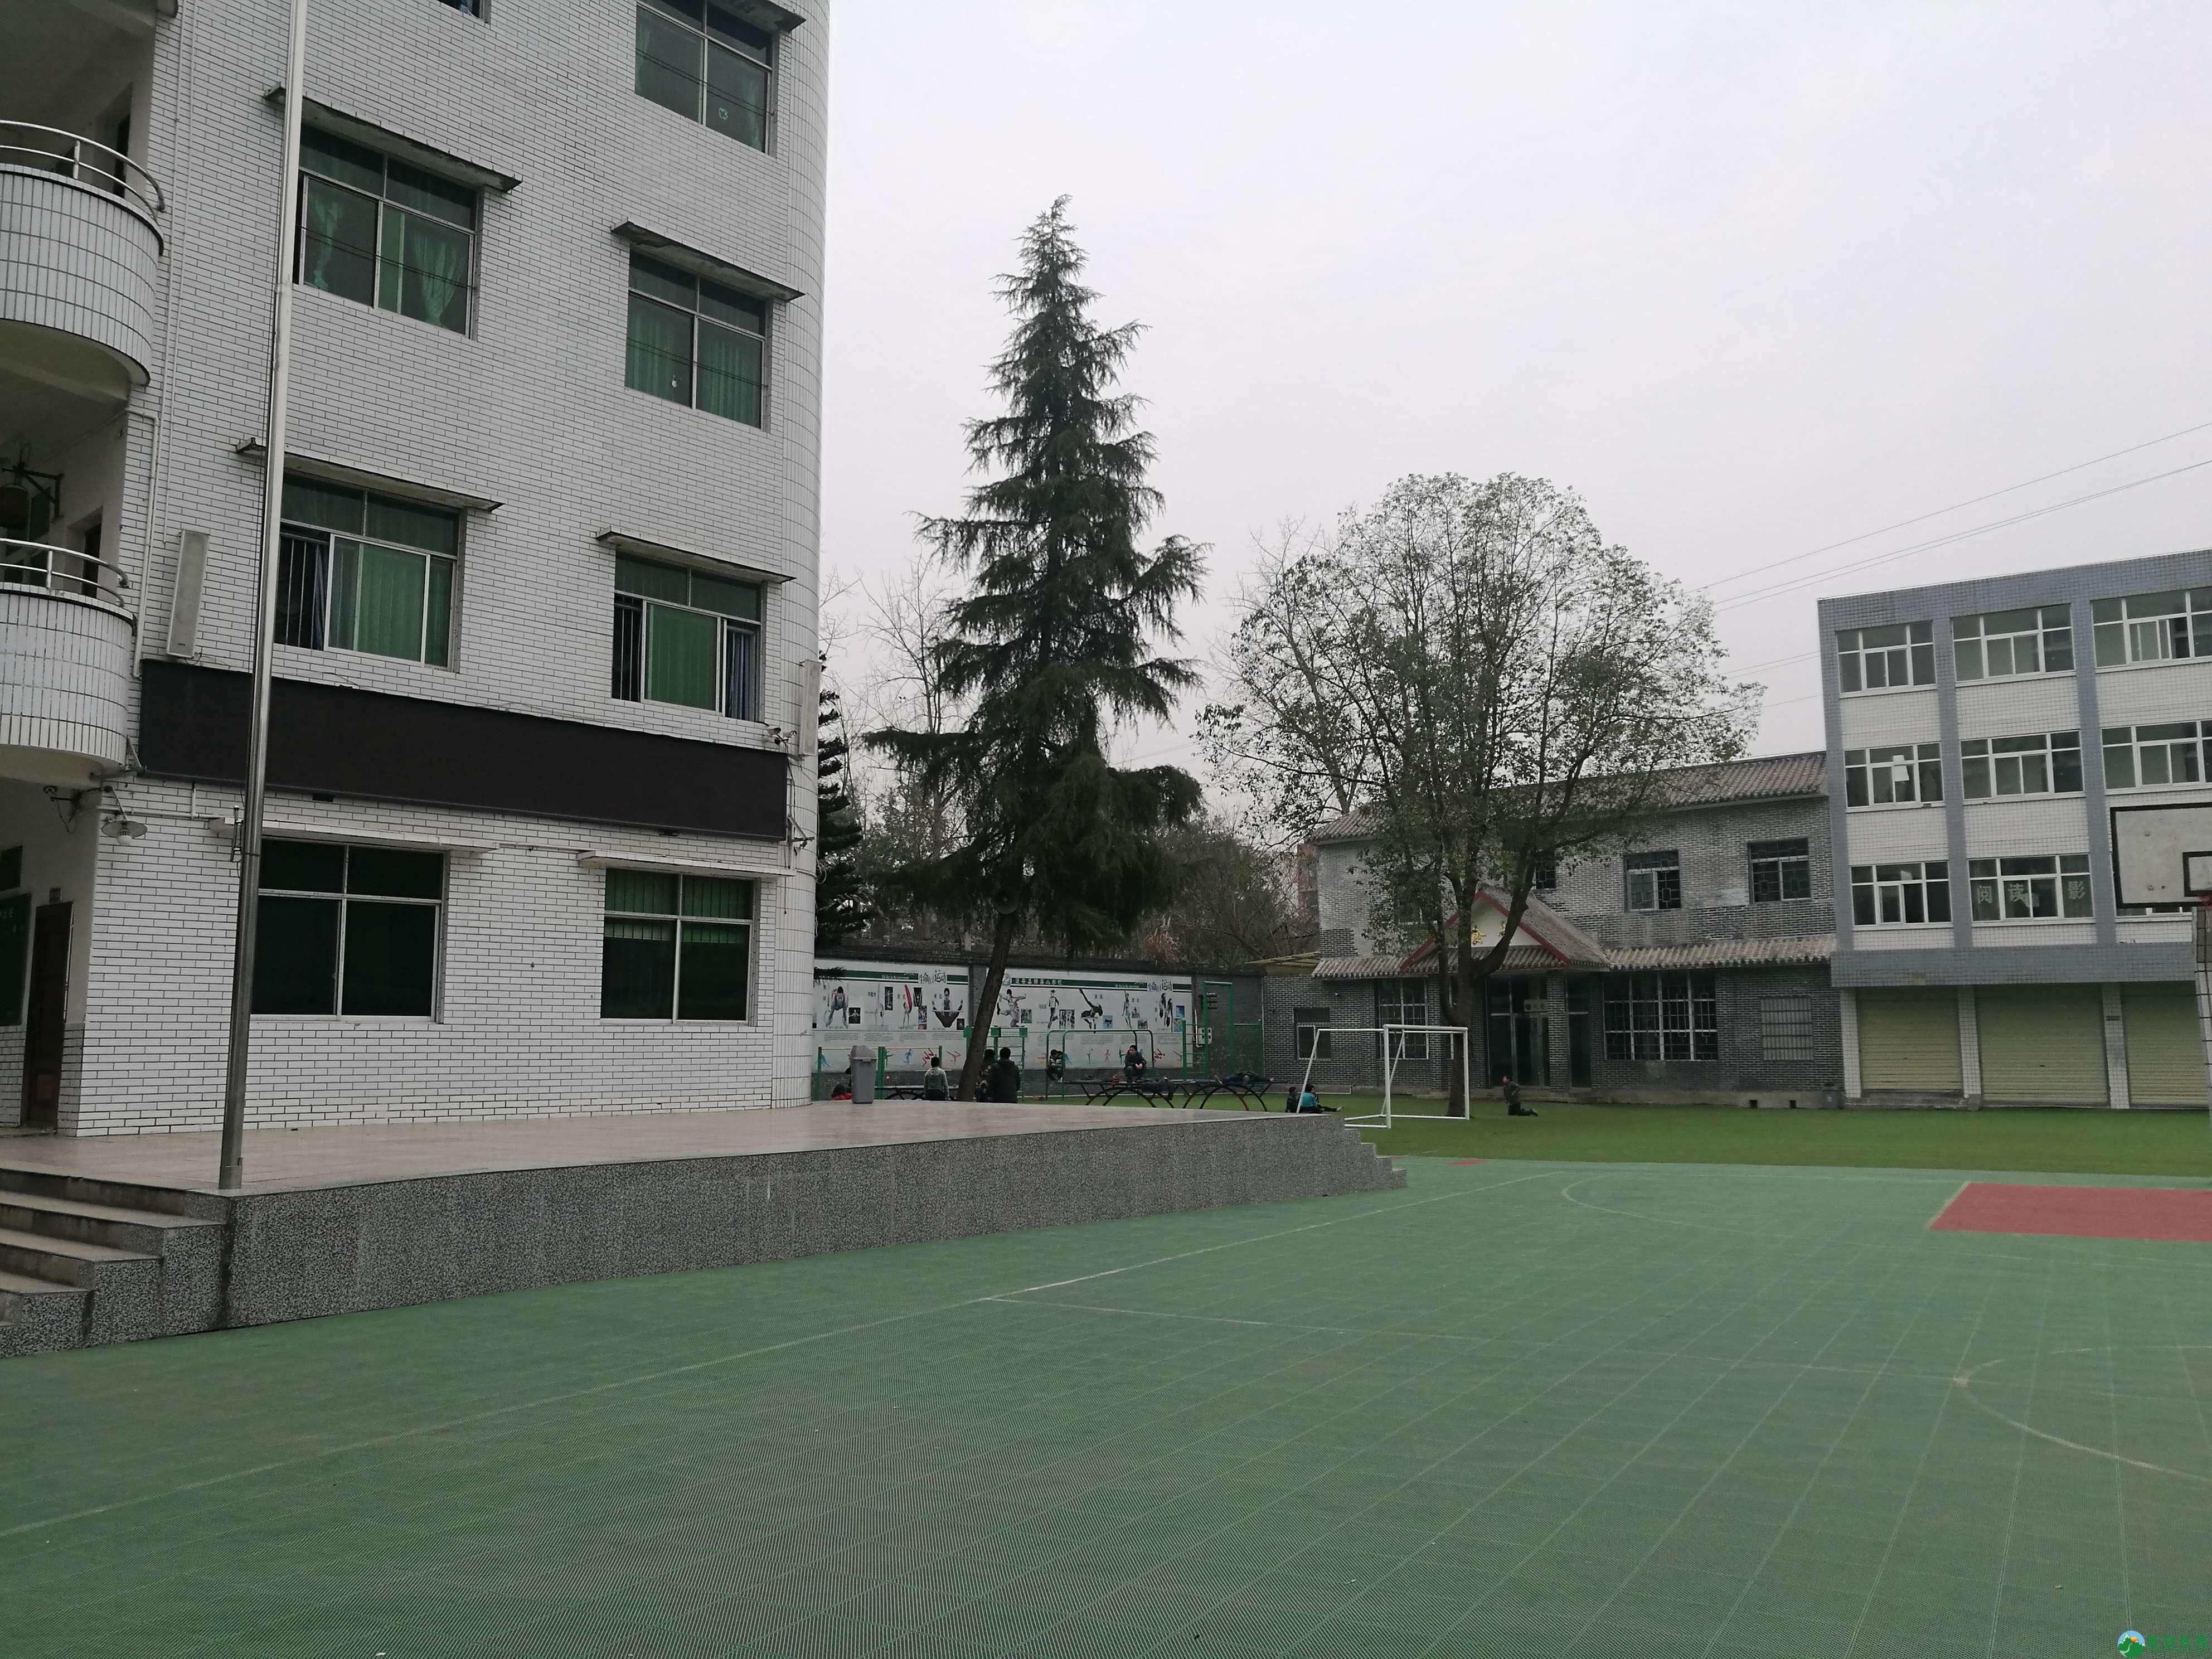 近二十年后再次走进锦屏小学 - 第3张  | 蓬安在线